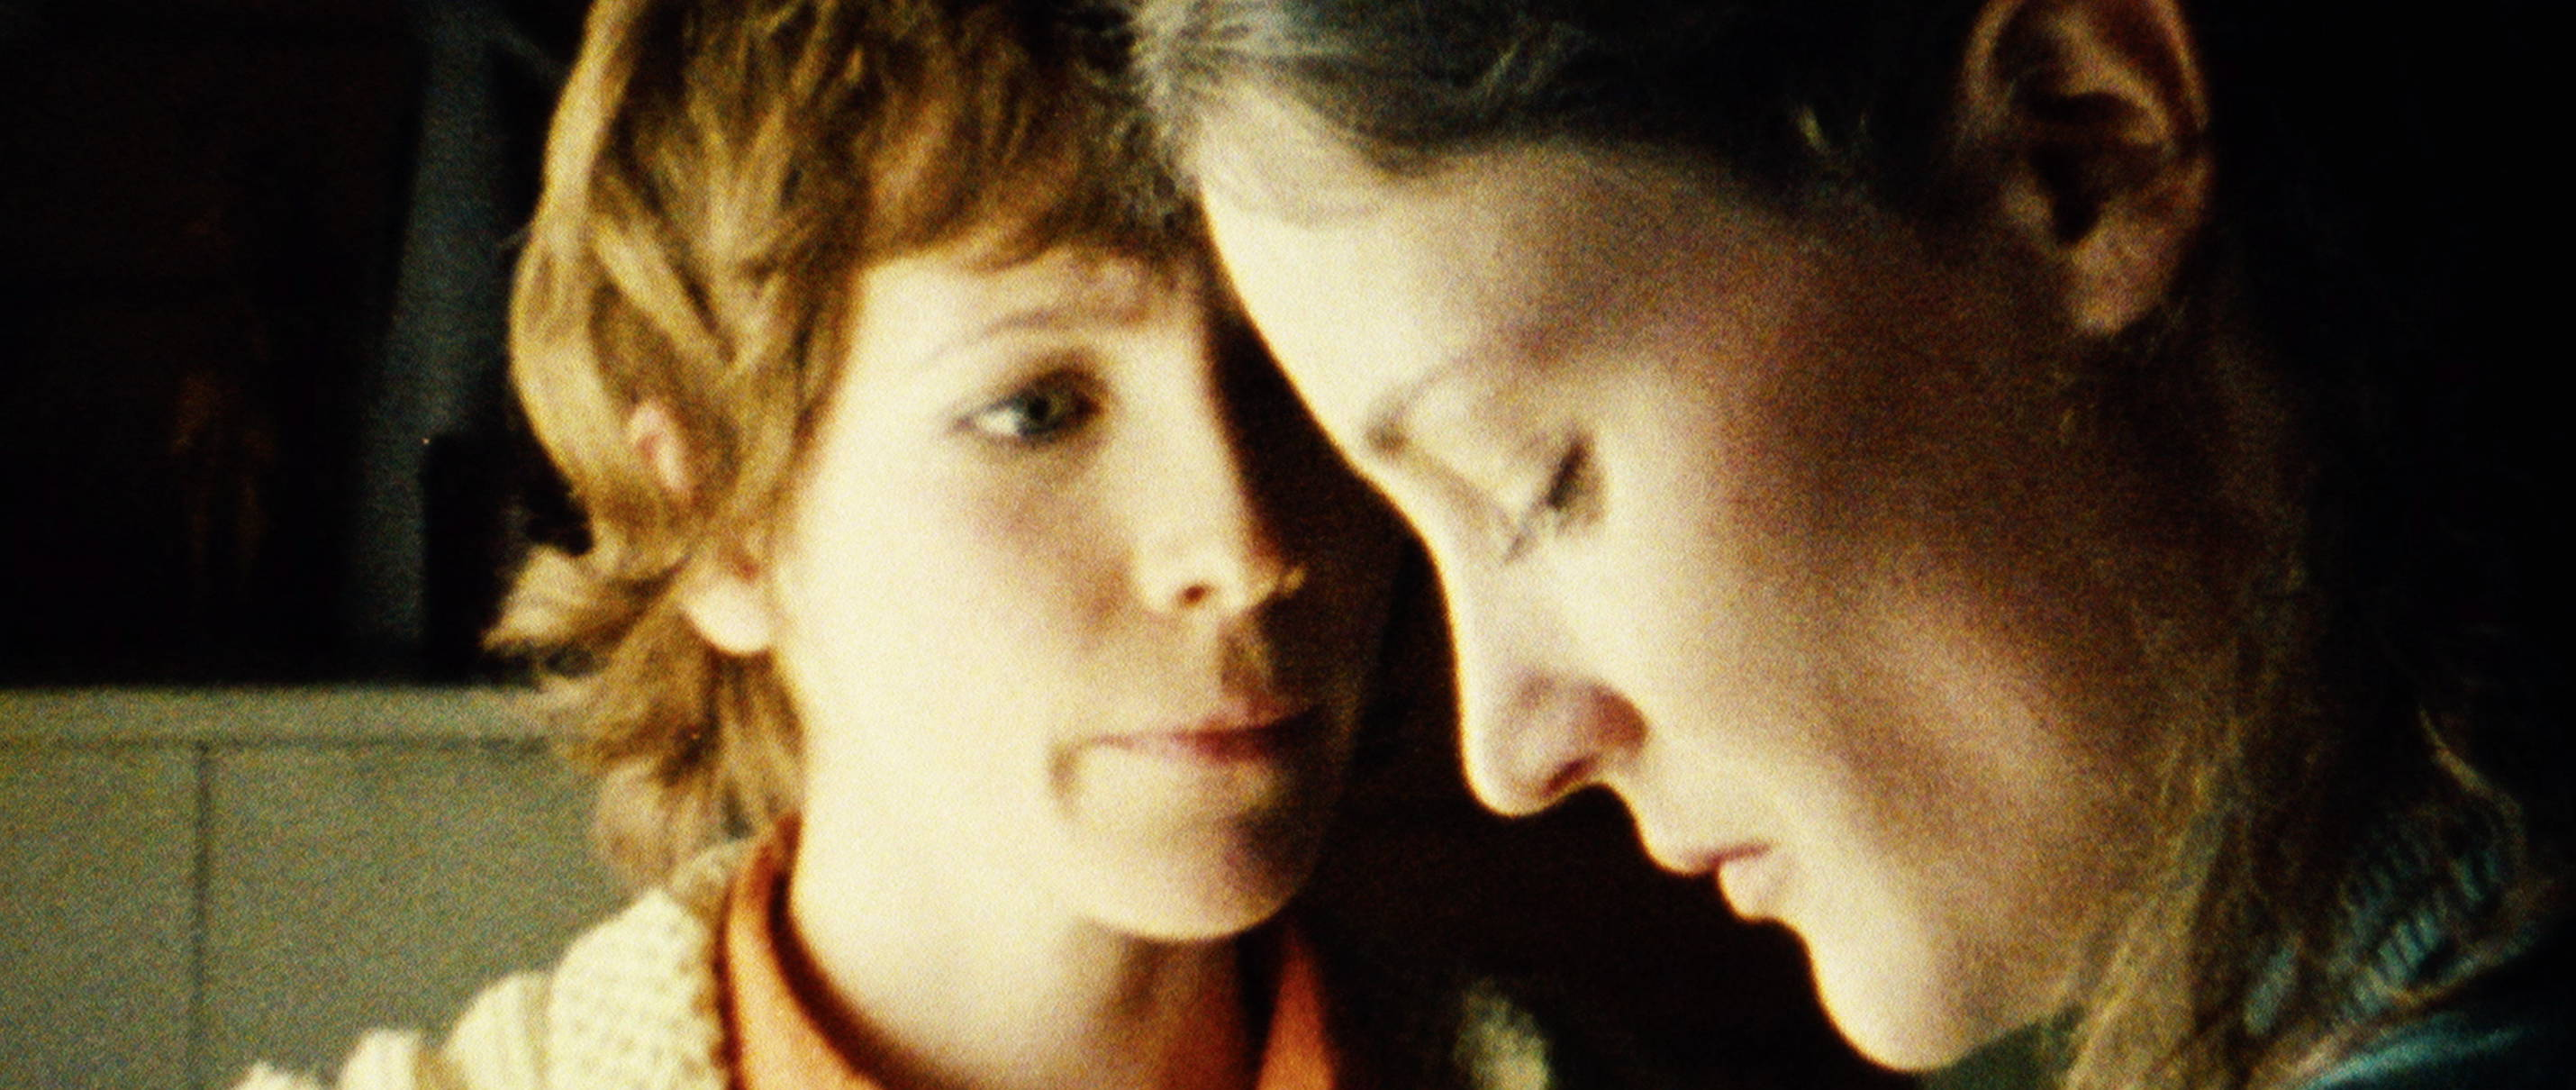 Zwei Leben - Two Lives - Katrine (Juliane Köhler) und Kathrin Lehnhaber (Vicky Krieps) - Regie Georg Maas - Regie und Kamera Judith Kaufmann